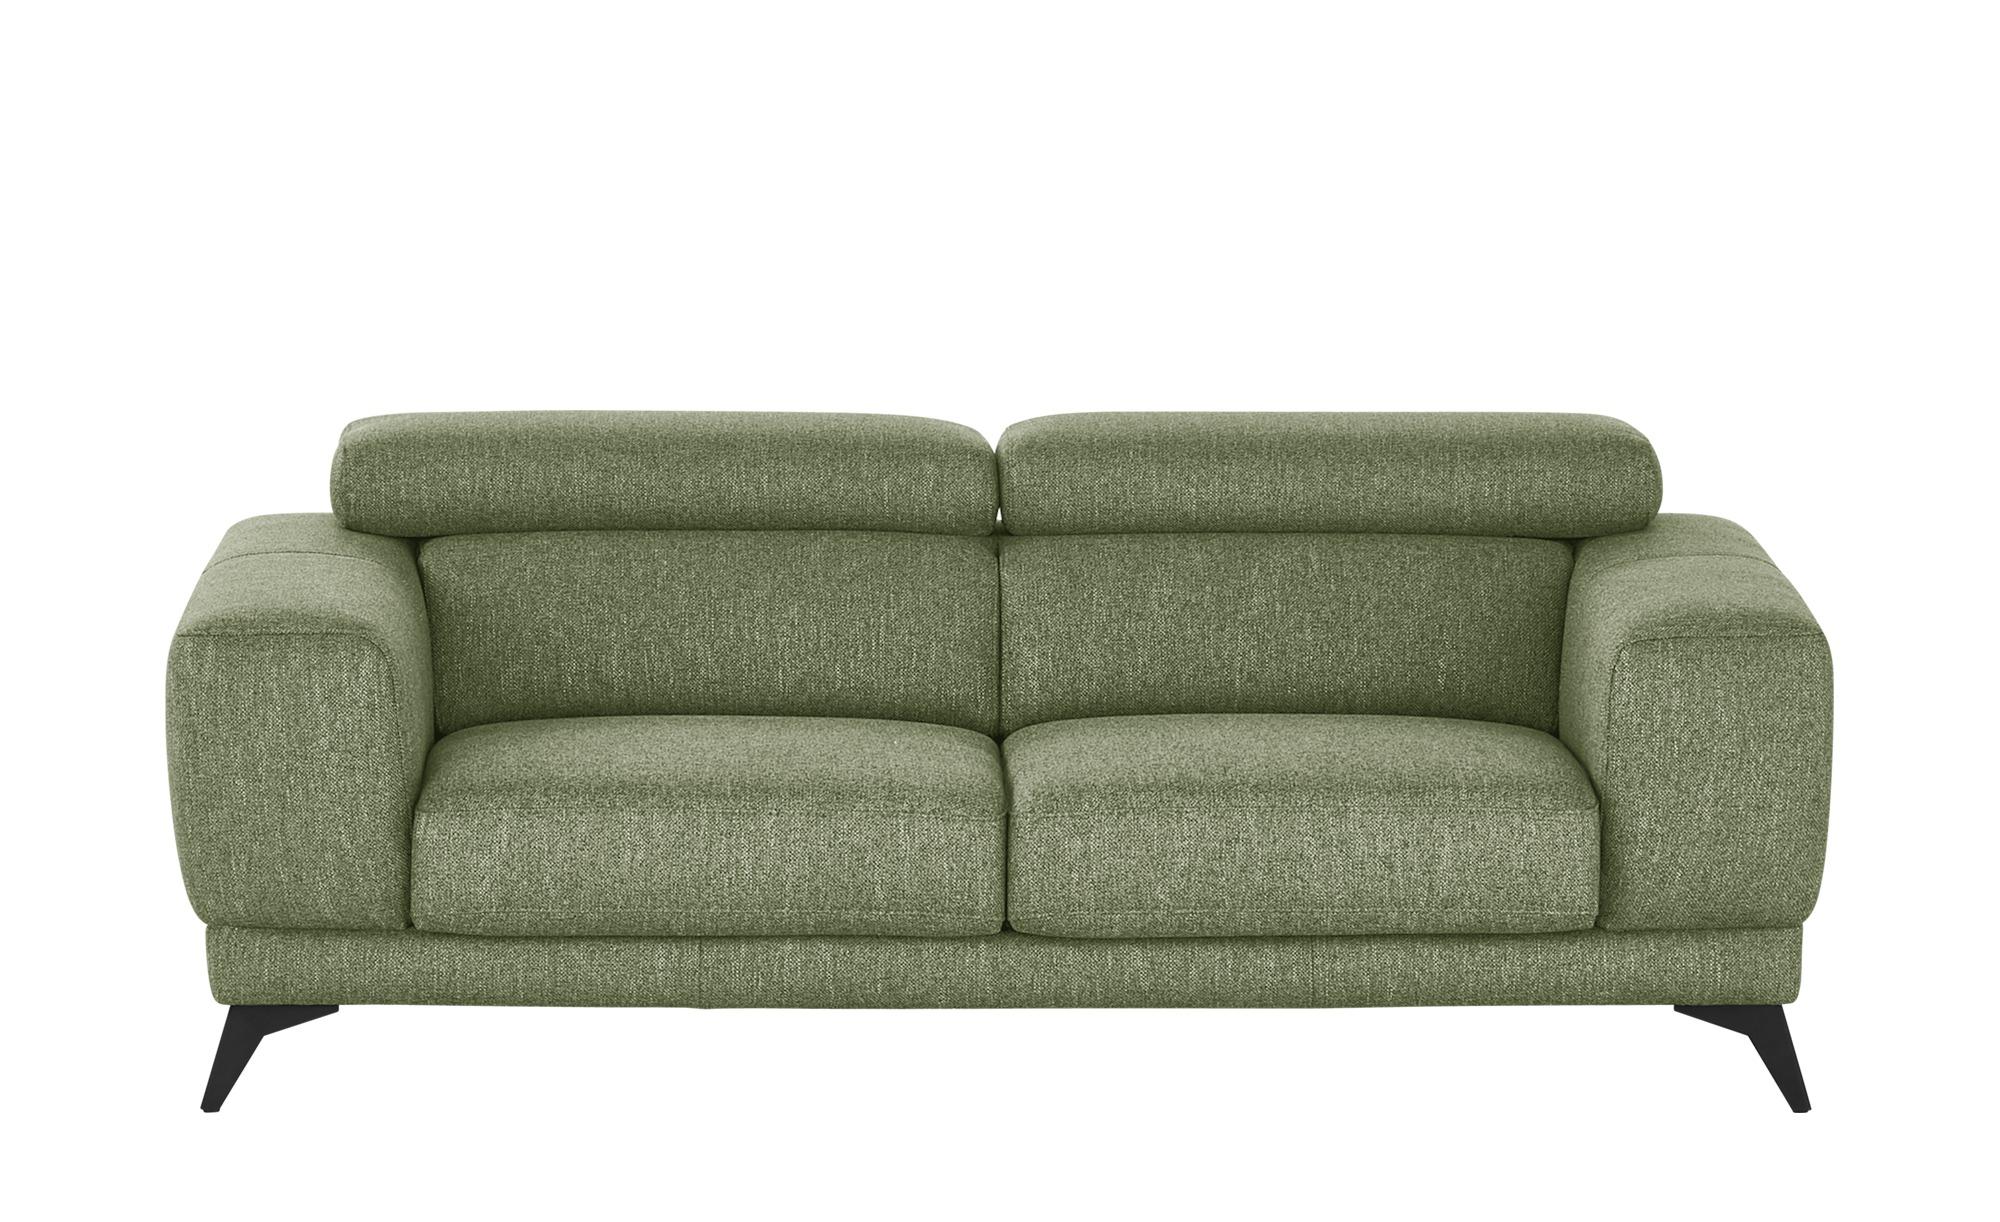 Sofa grün - Webstoff Opera ¦ grün ¦ Maße (cm): B: 202 H: 76 T: 106 Polstermöbel > Sofas > Einzelsofas - Höffner